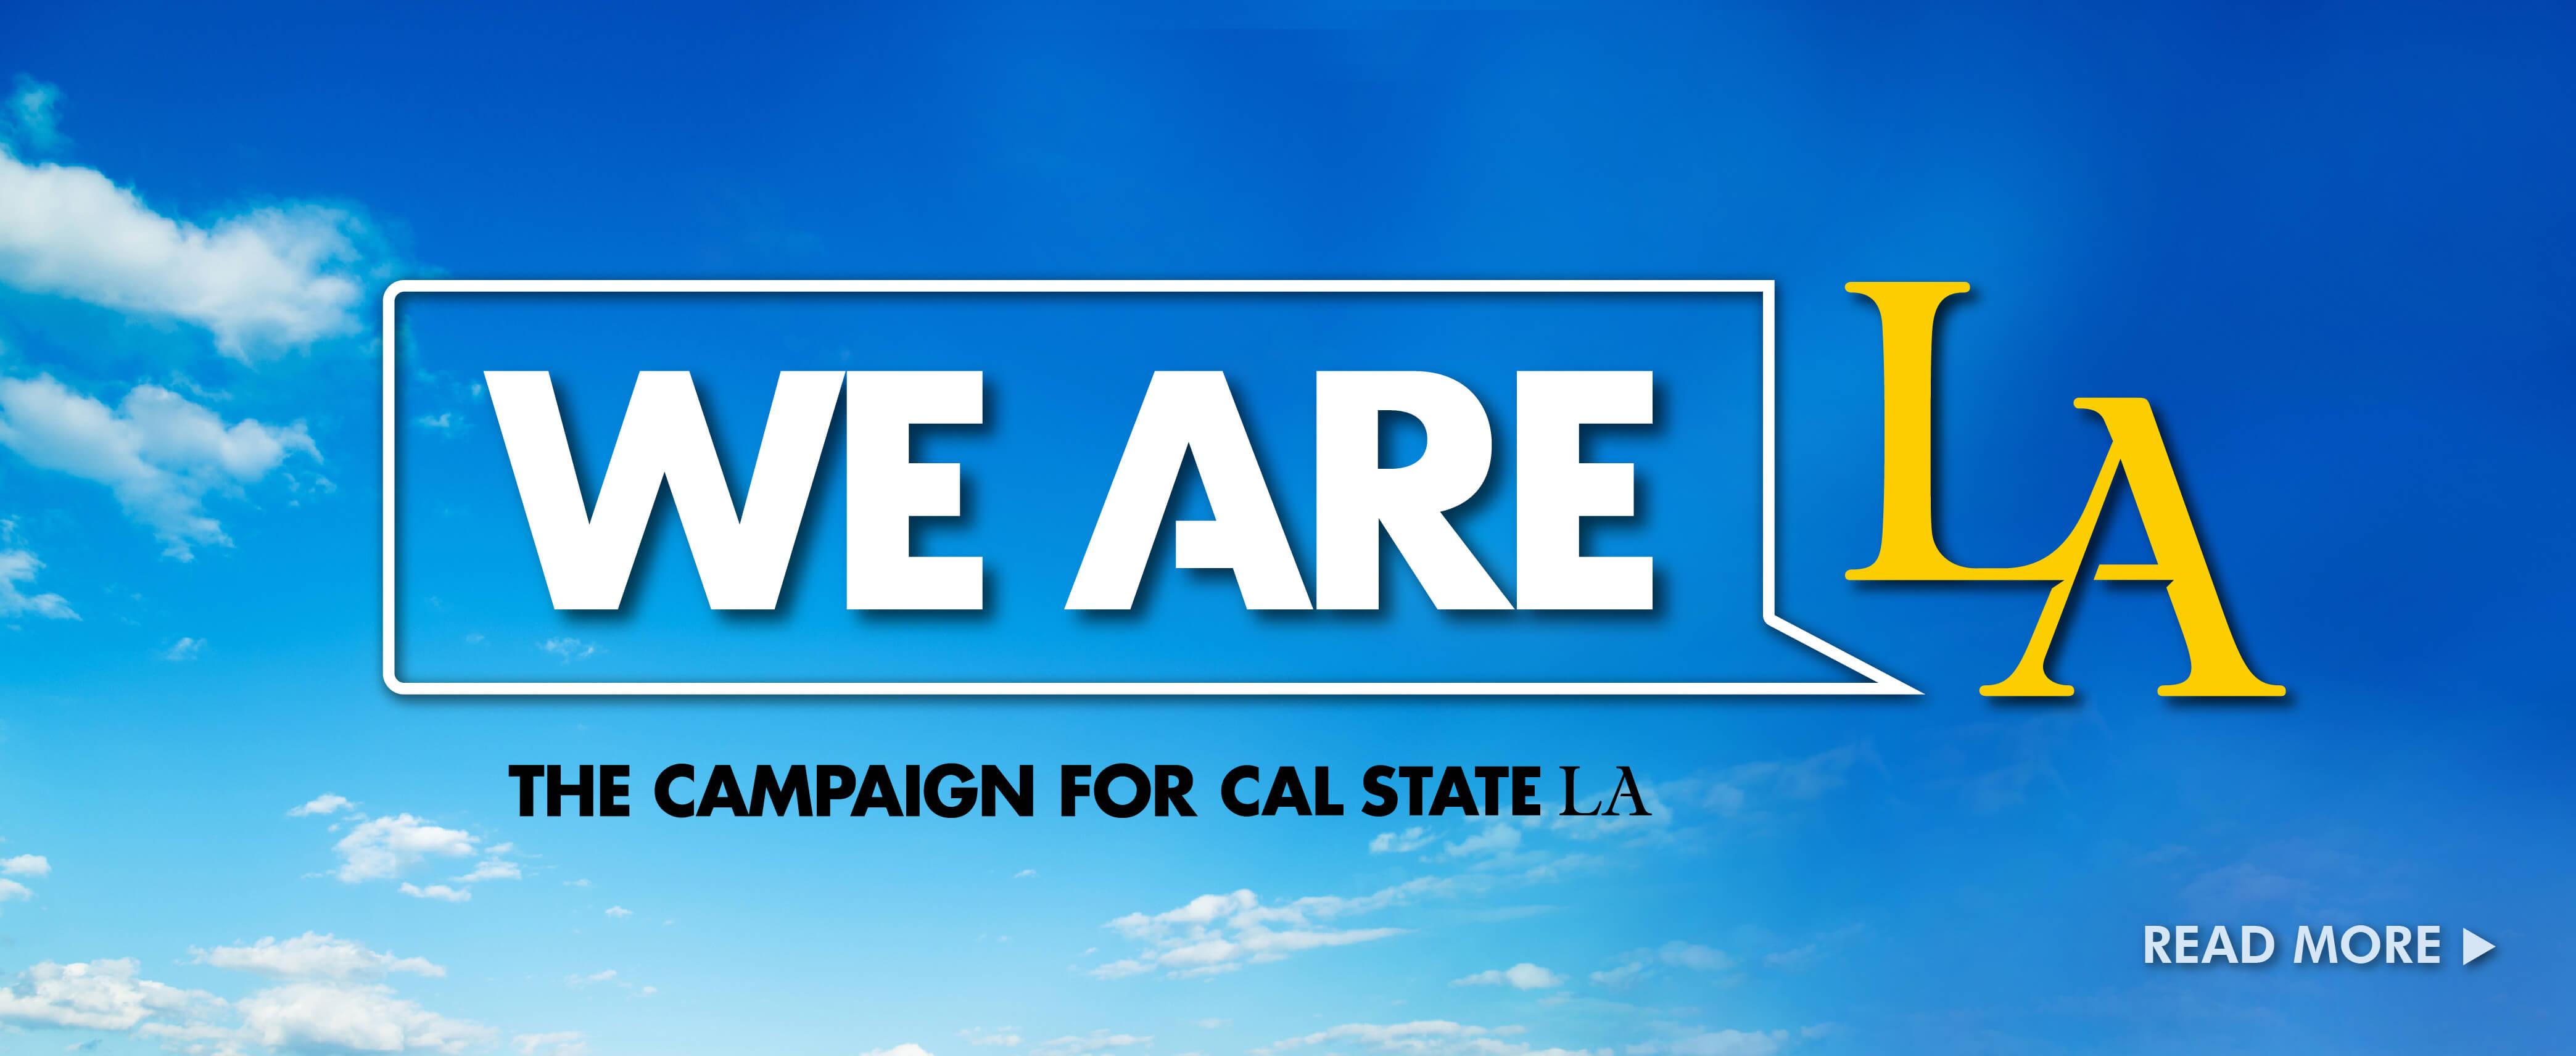 We Are LA Cal State LA Fundraising Campaign